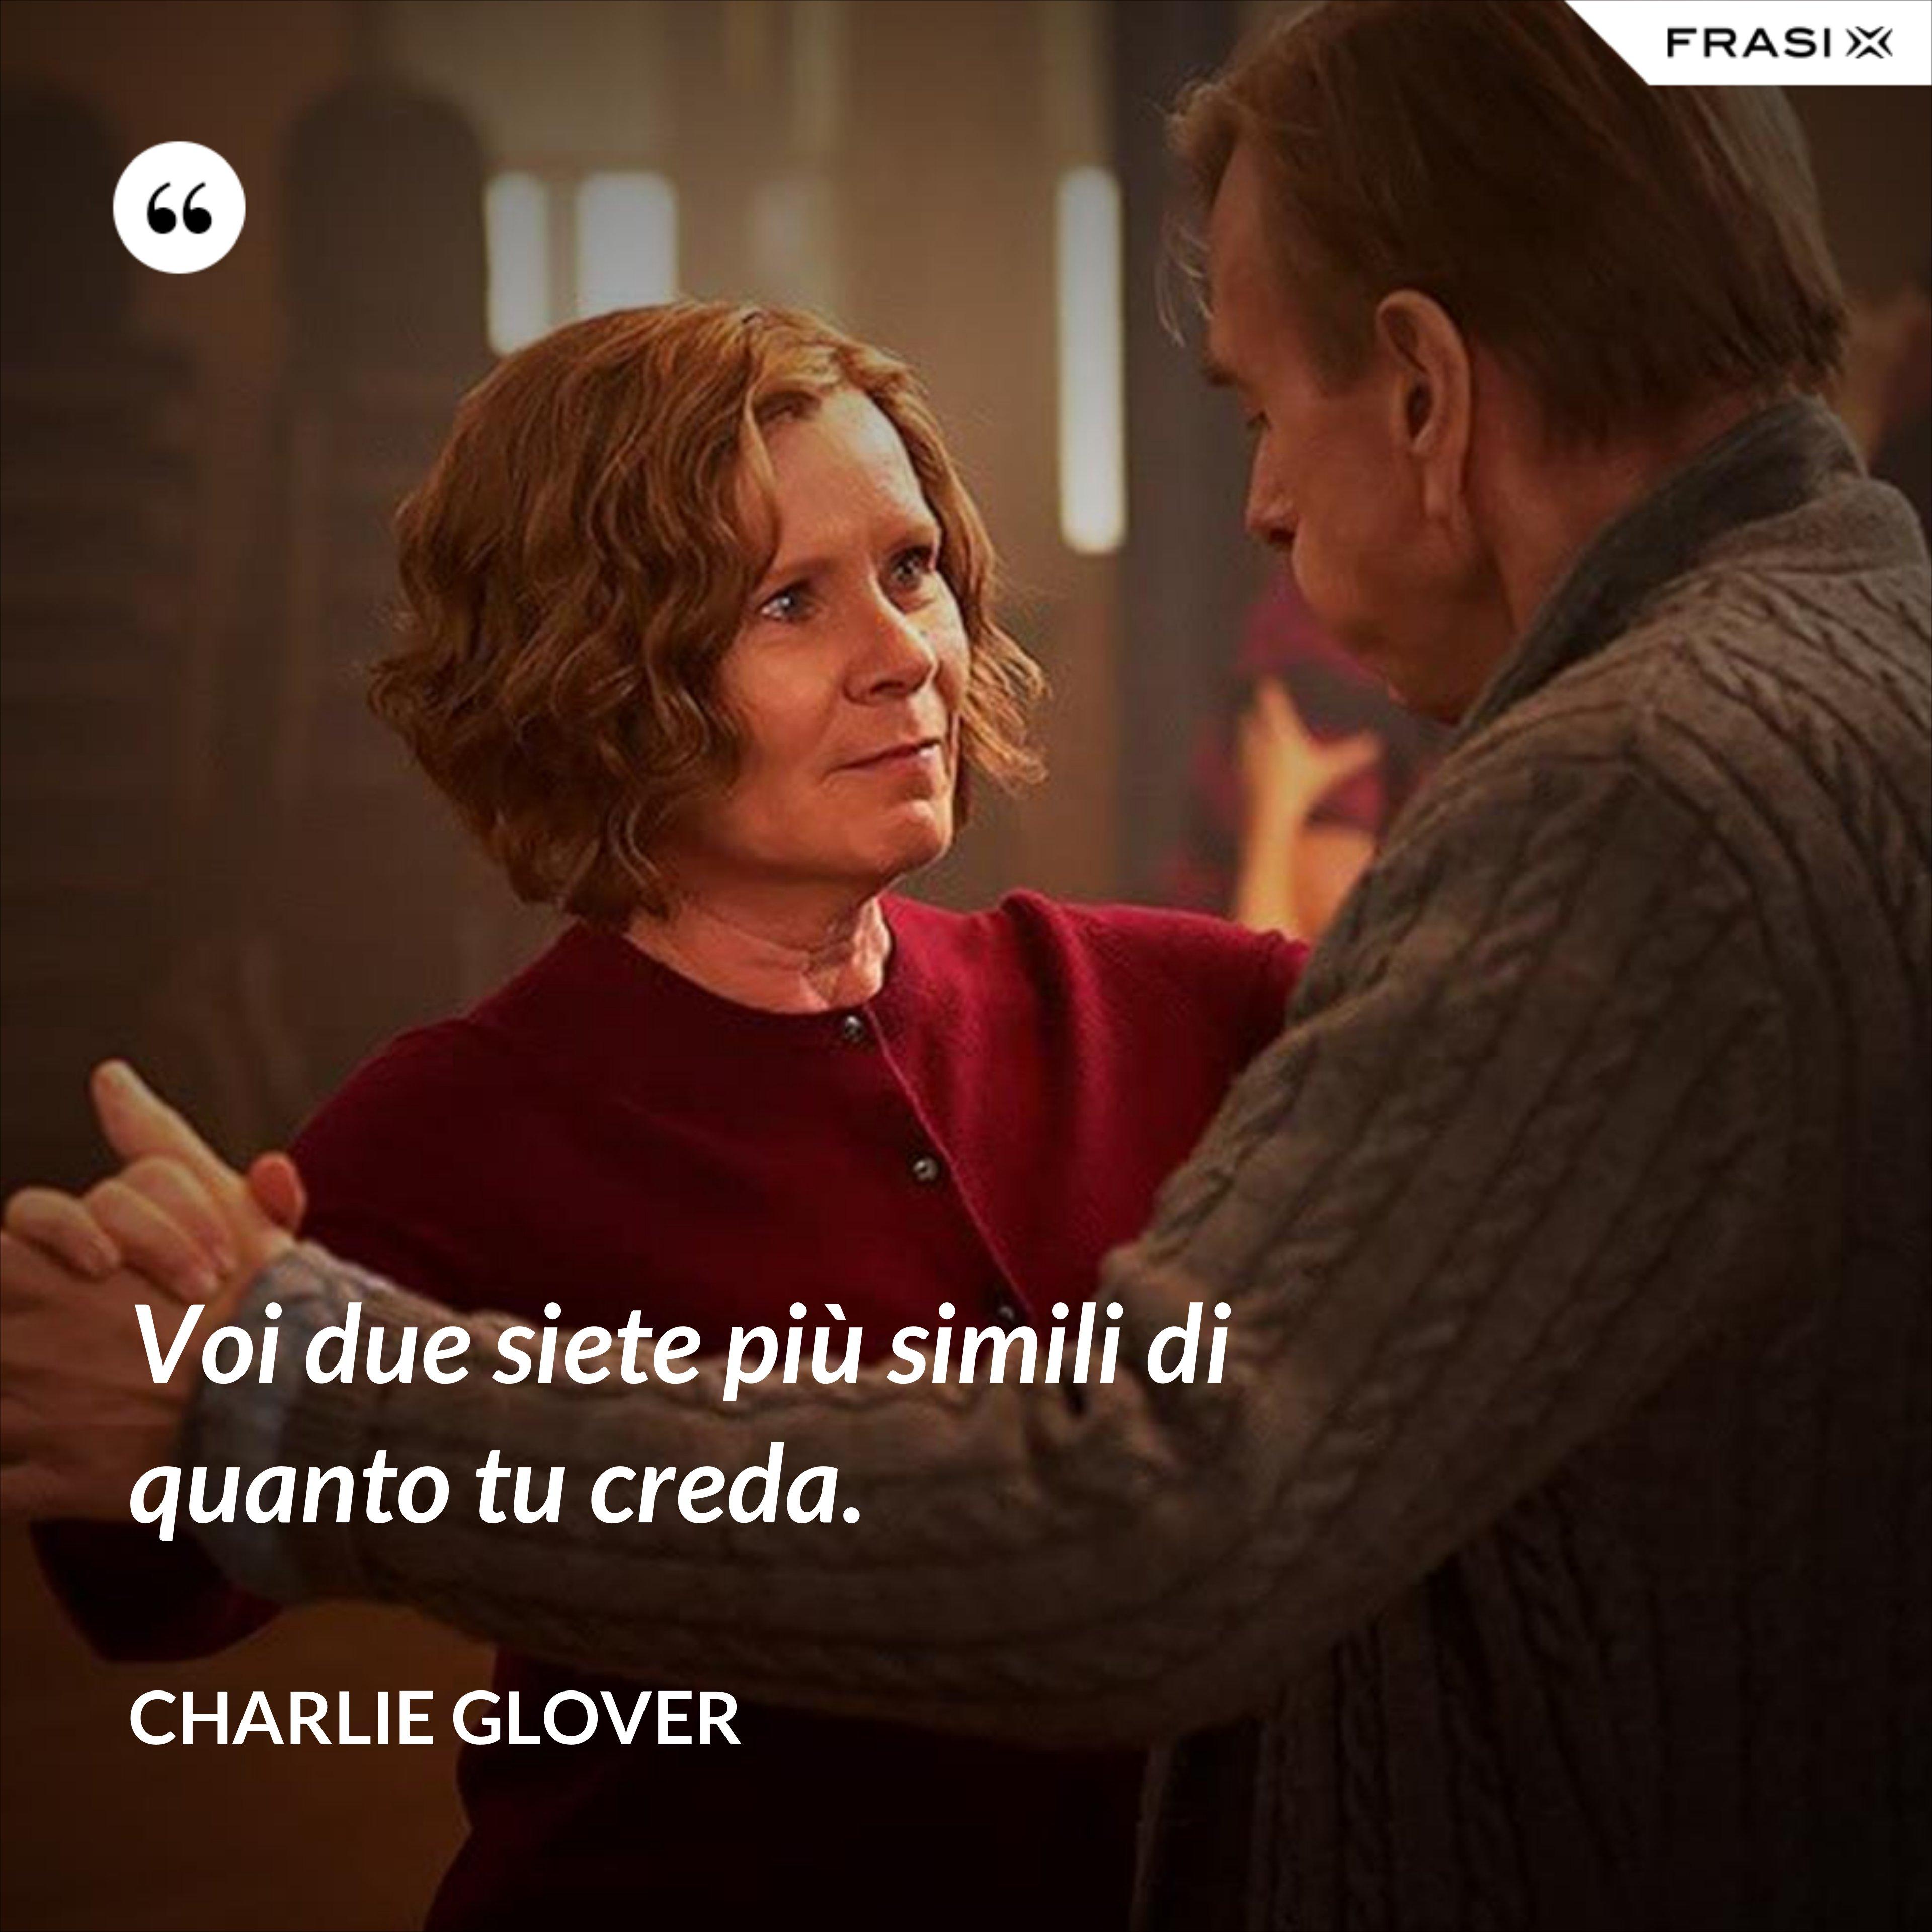 Voi due siete più simili di quanto tu creda. - Charlie Glover